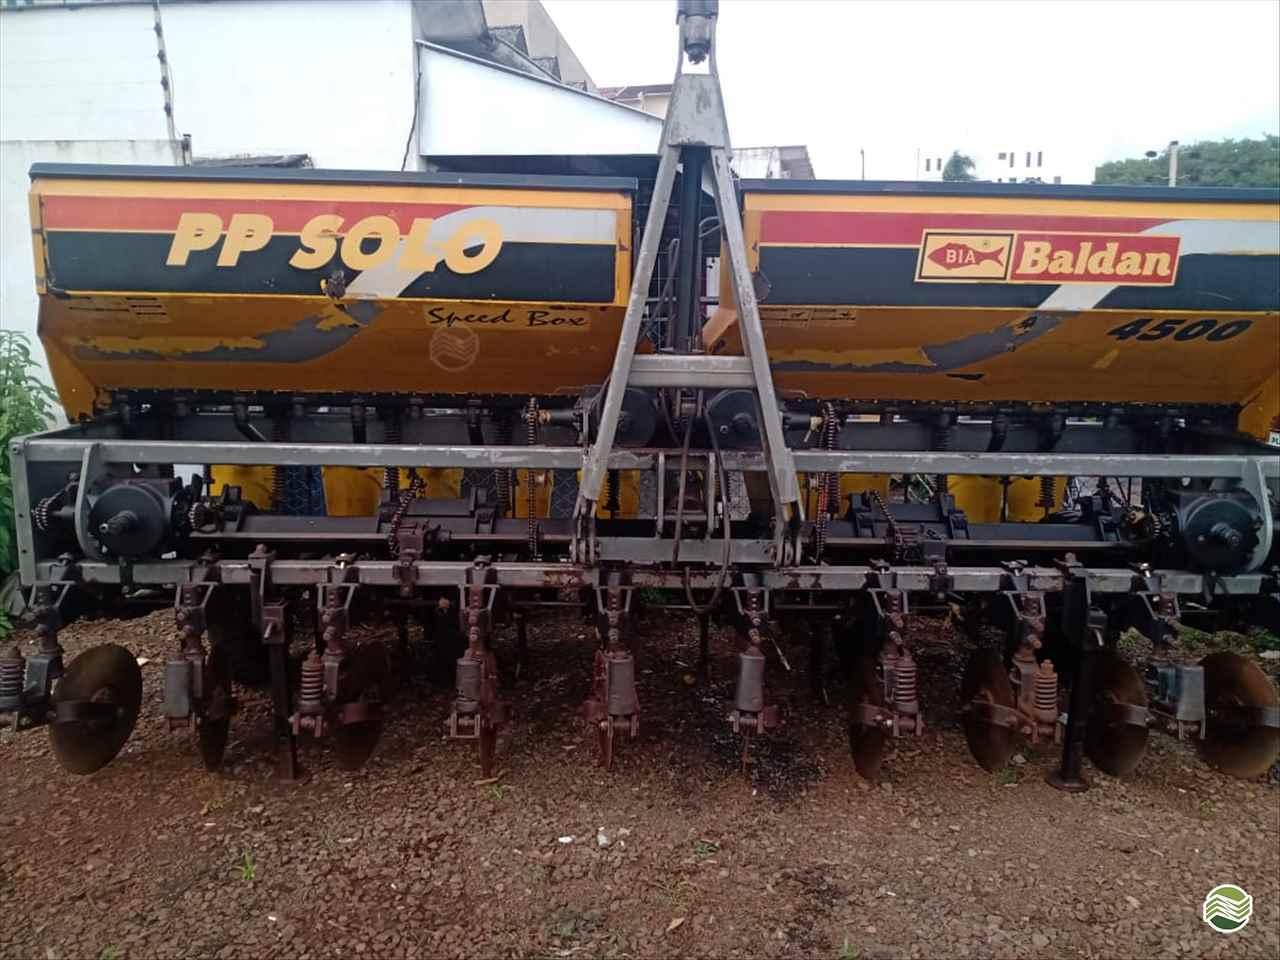 PLANTADEIRA BALDAN BALDAN PP4500 Campal Máquinas CAMPO MOURAO PARANÁ PR